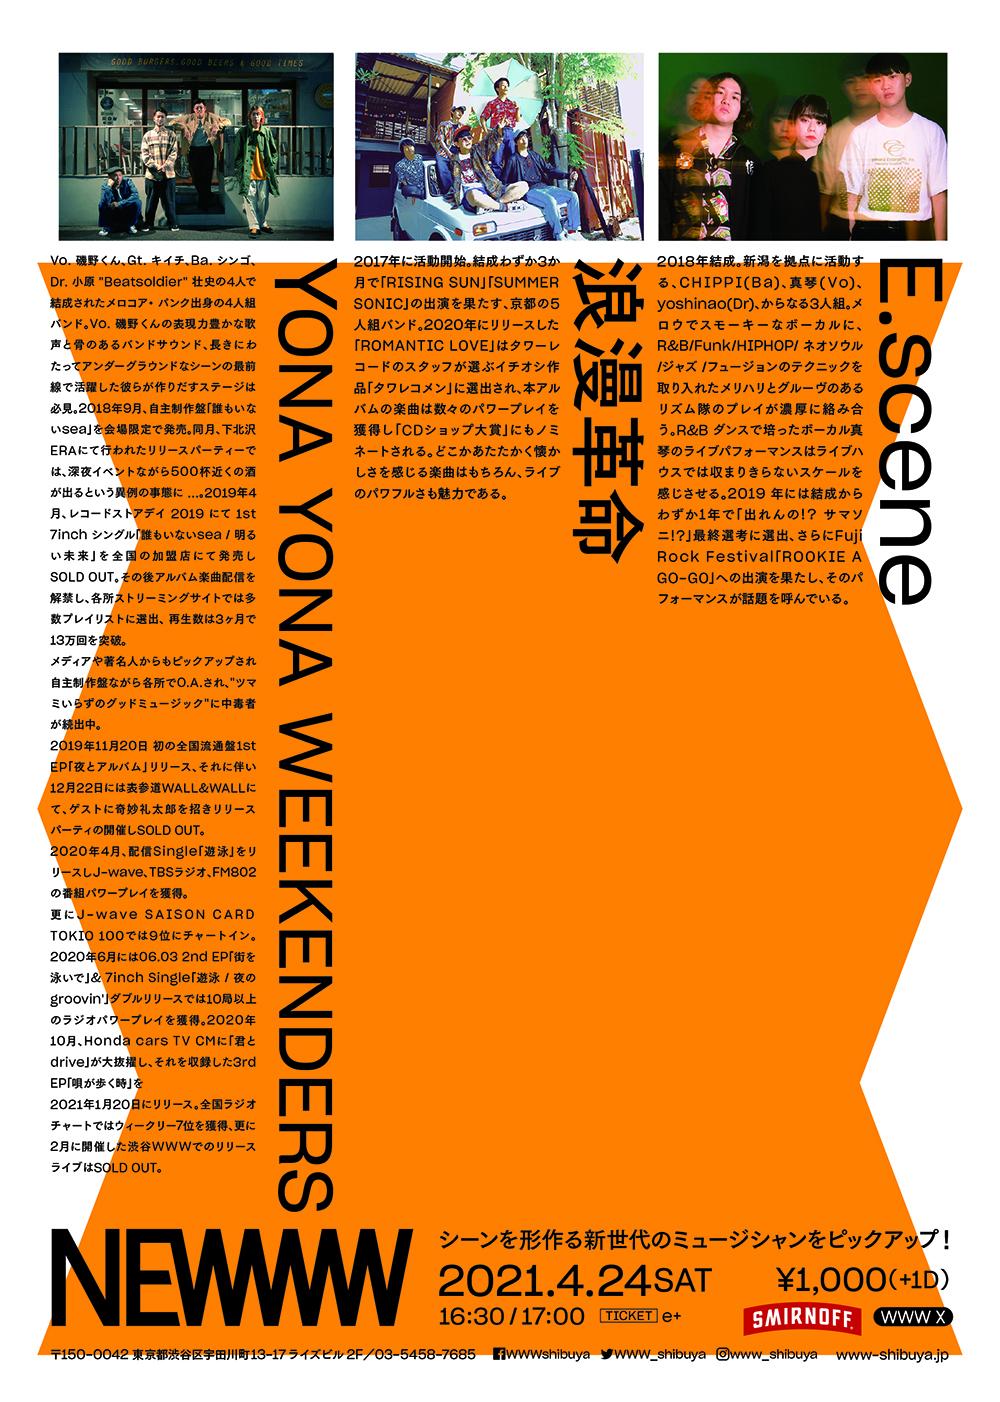 YONA YONA WEEKENDERS / 浪漫革命 / E.scene